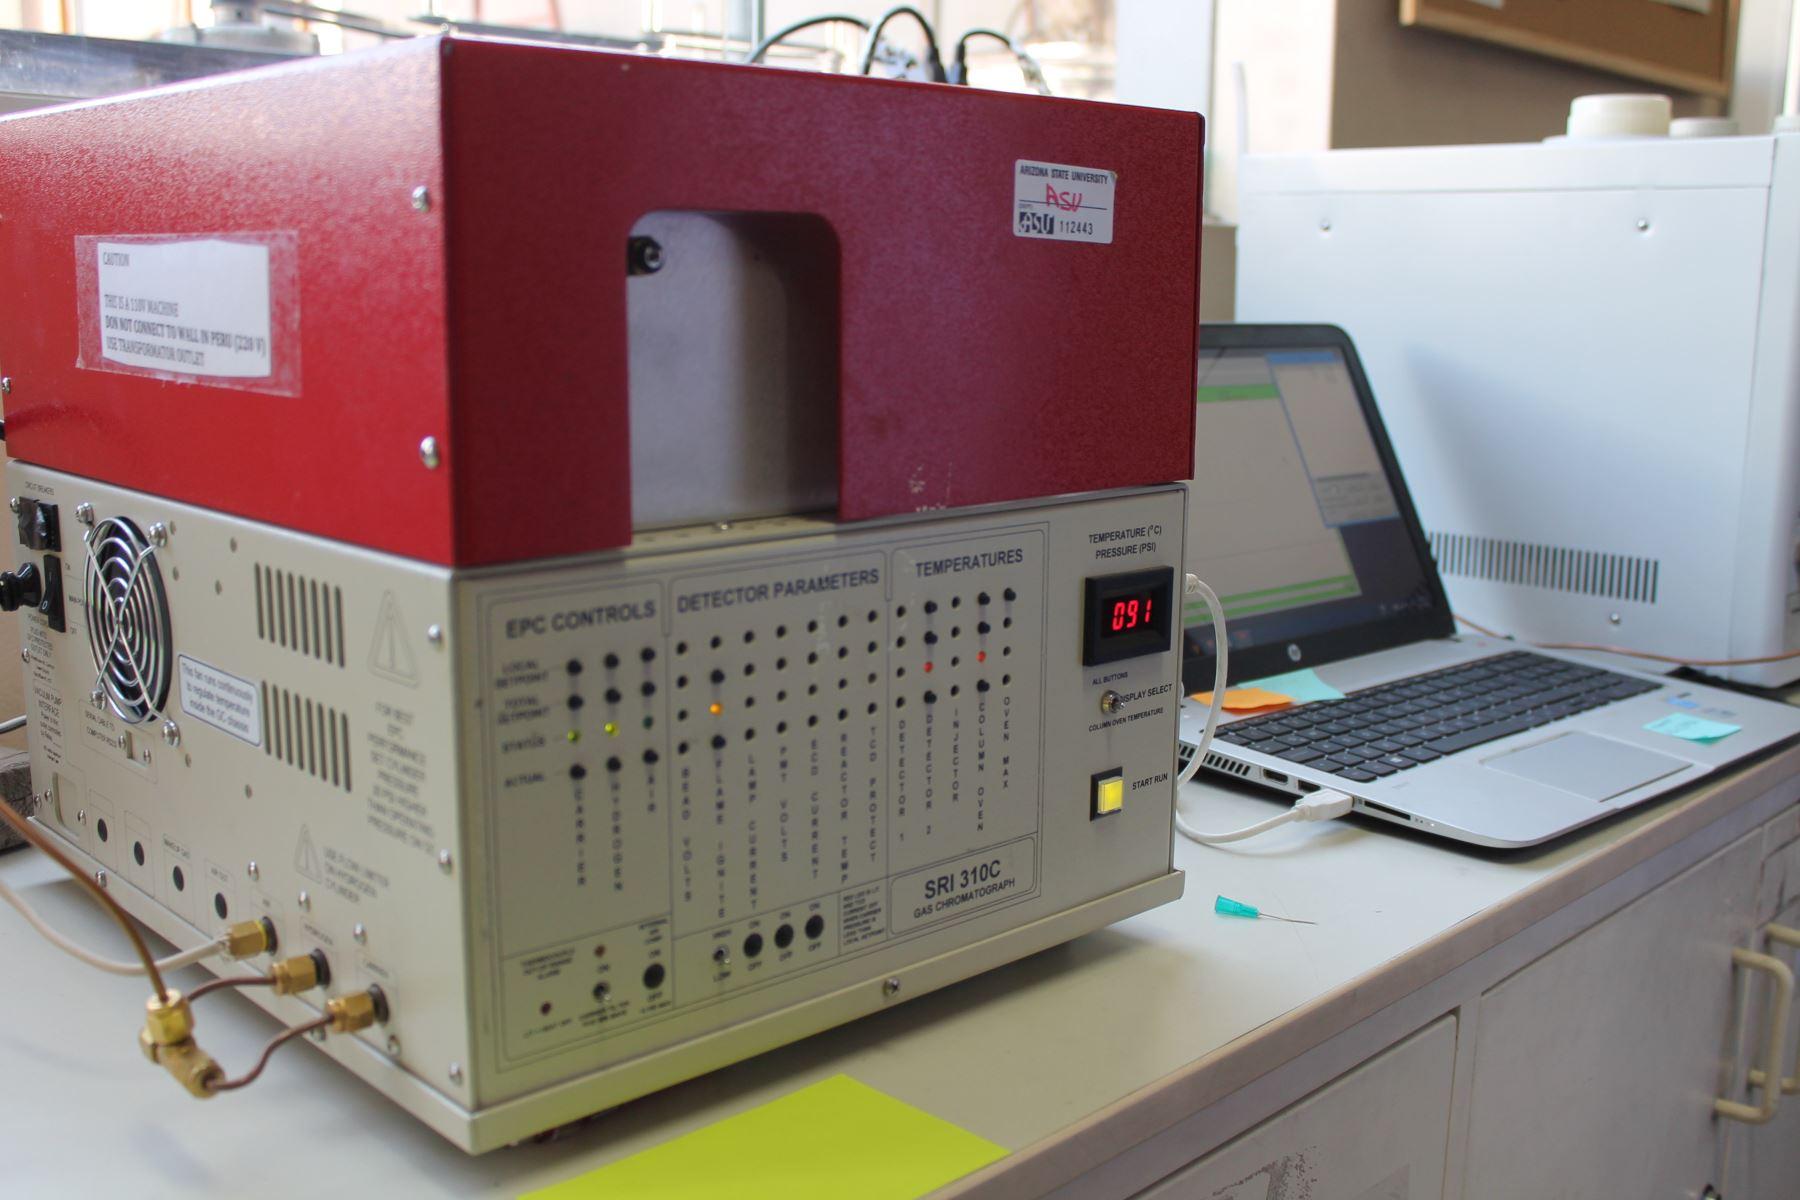 Equipo cromatógrafo de la NASA. Foto: Cortesía/Universidad Católica San Pablo de Arequipa